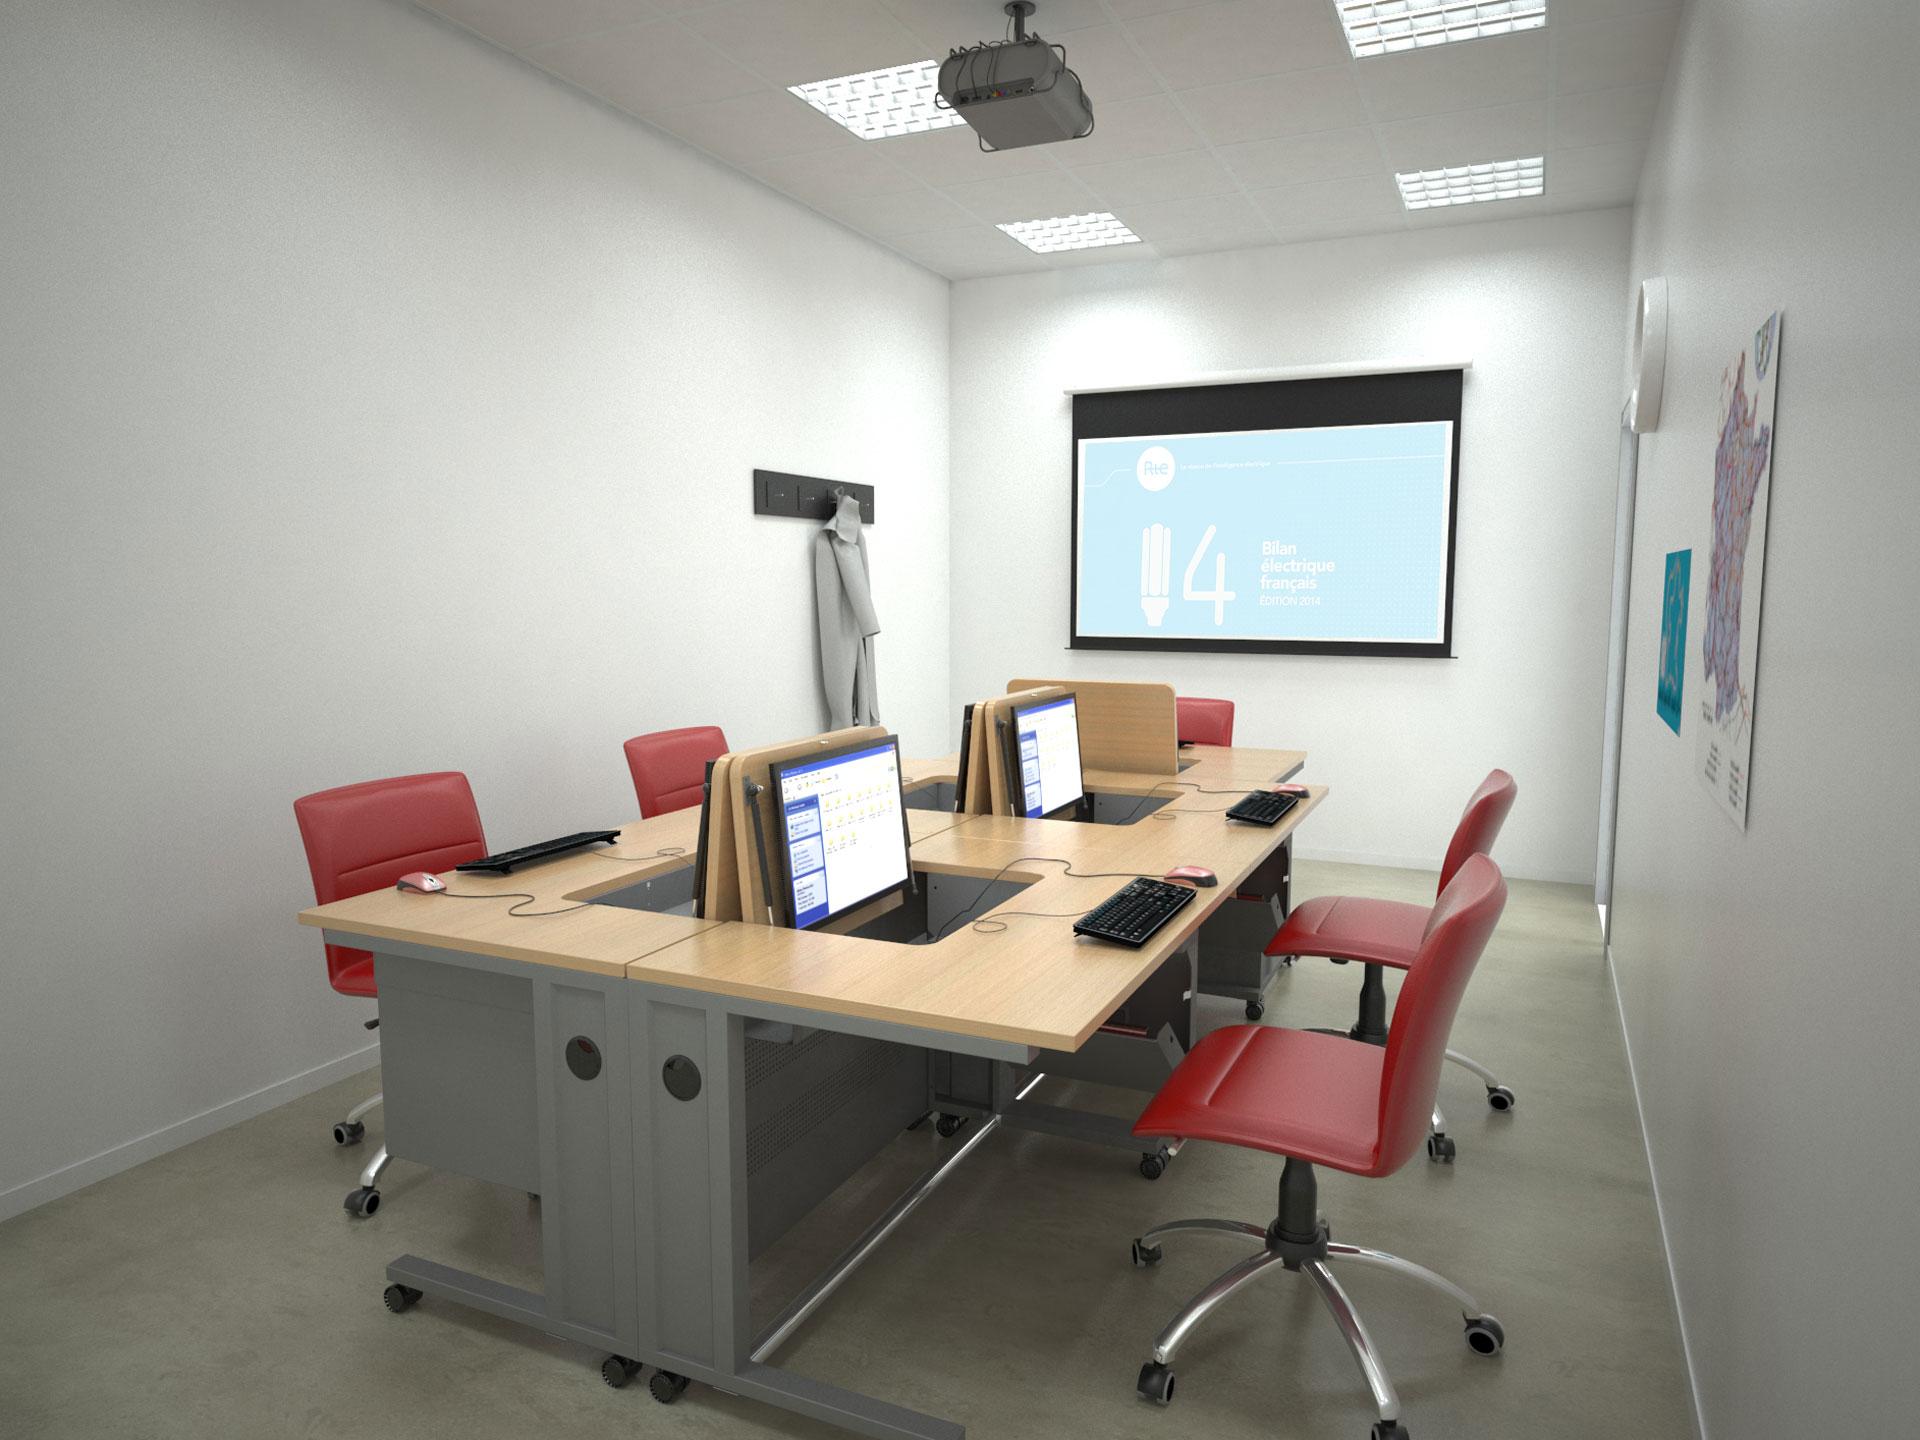 Aménagement d'une salle de formation avec des postes en îlots